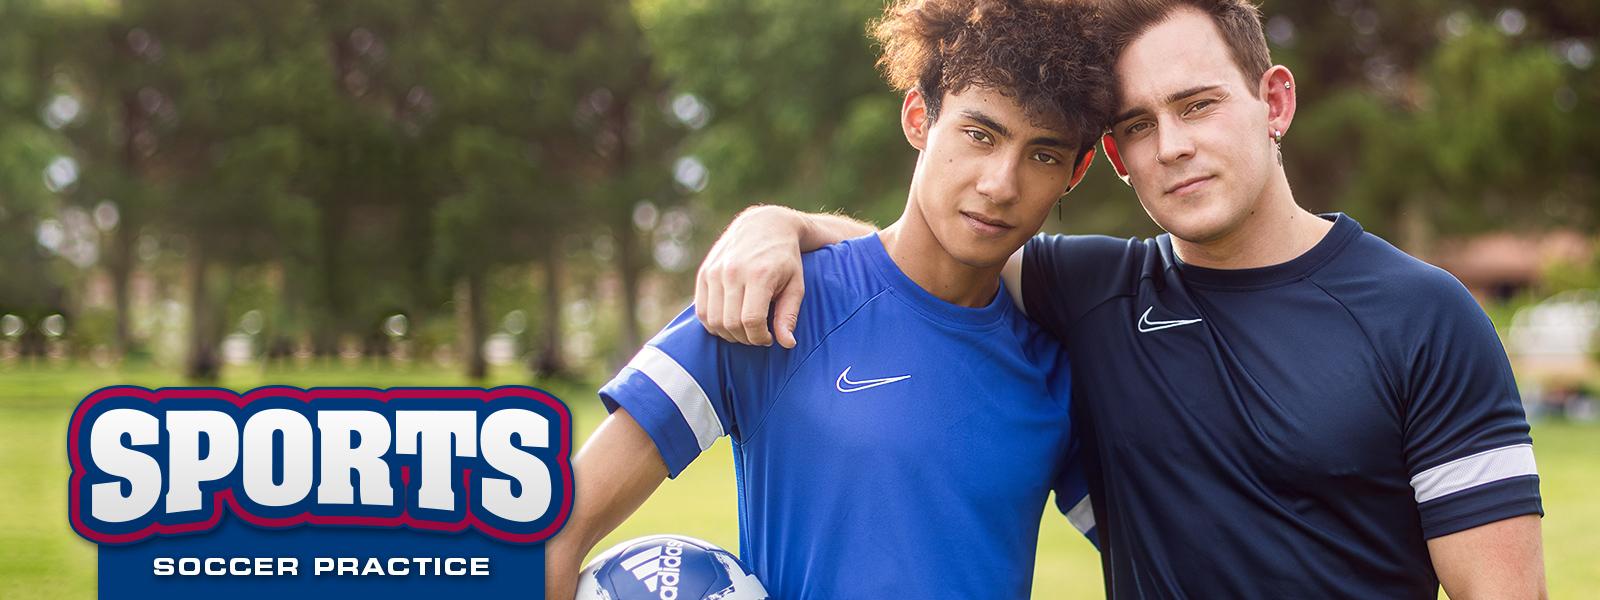 Sports: Soccer Practice